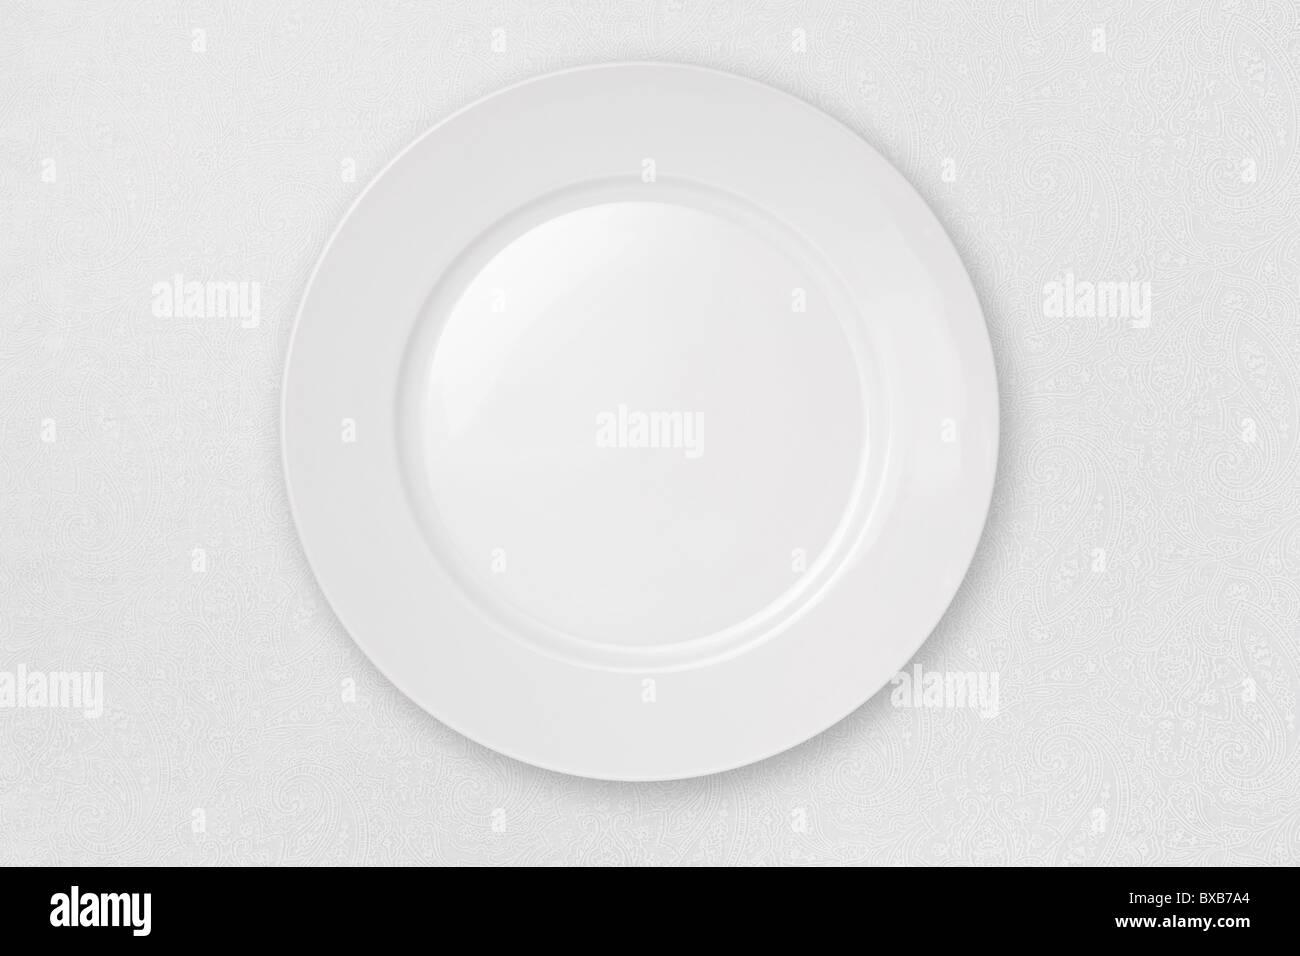 Leeren Teller isoliert auf einem weißen Tischtuch. Stockbild